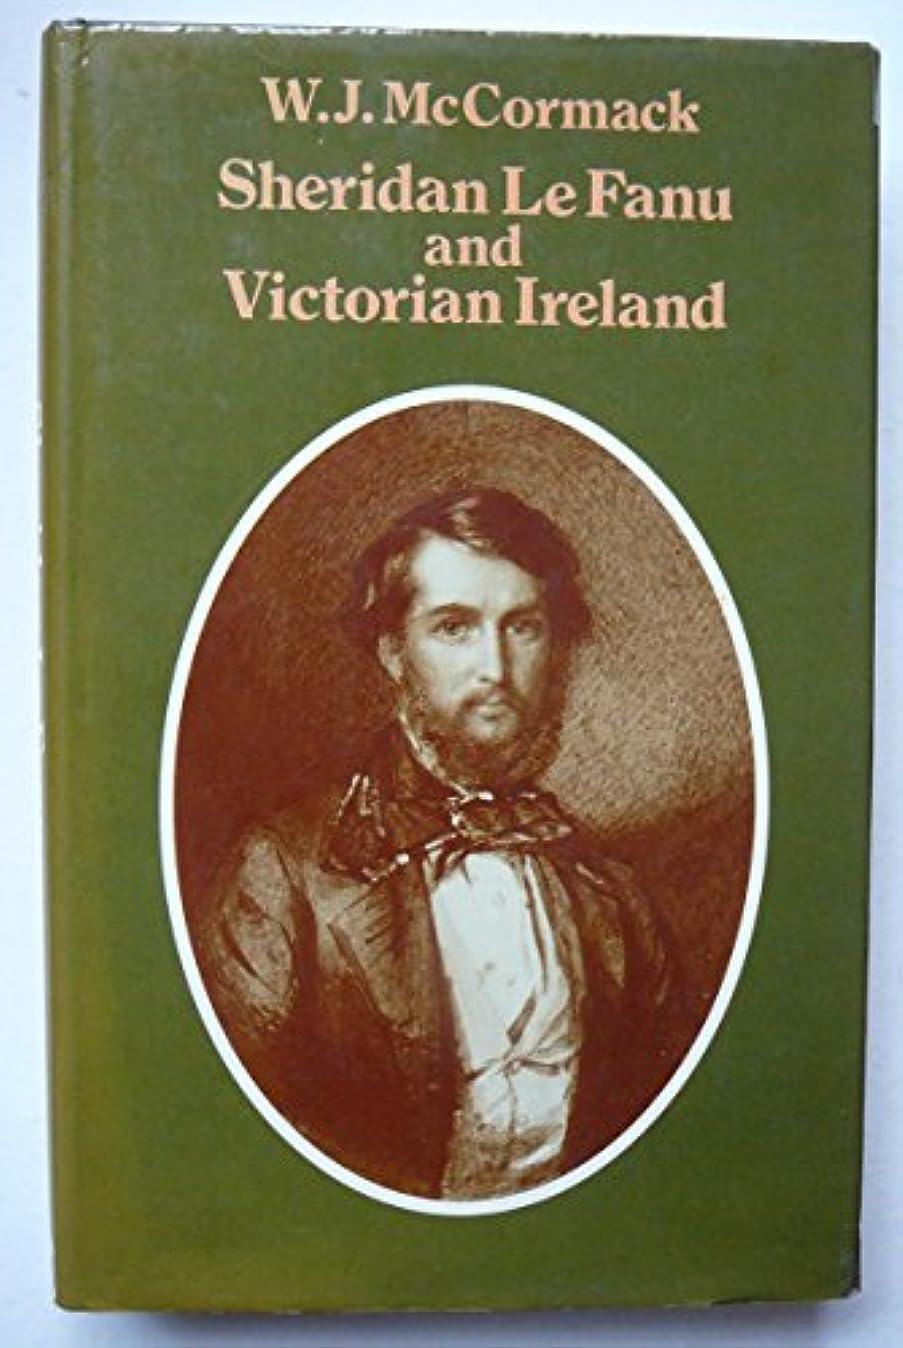 暴君手綱健康的Sheridan Le Fanu and Victorian Ireland